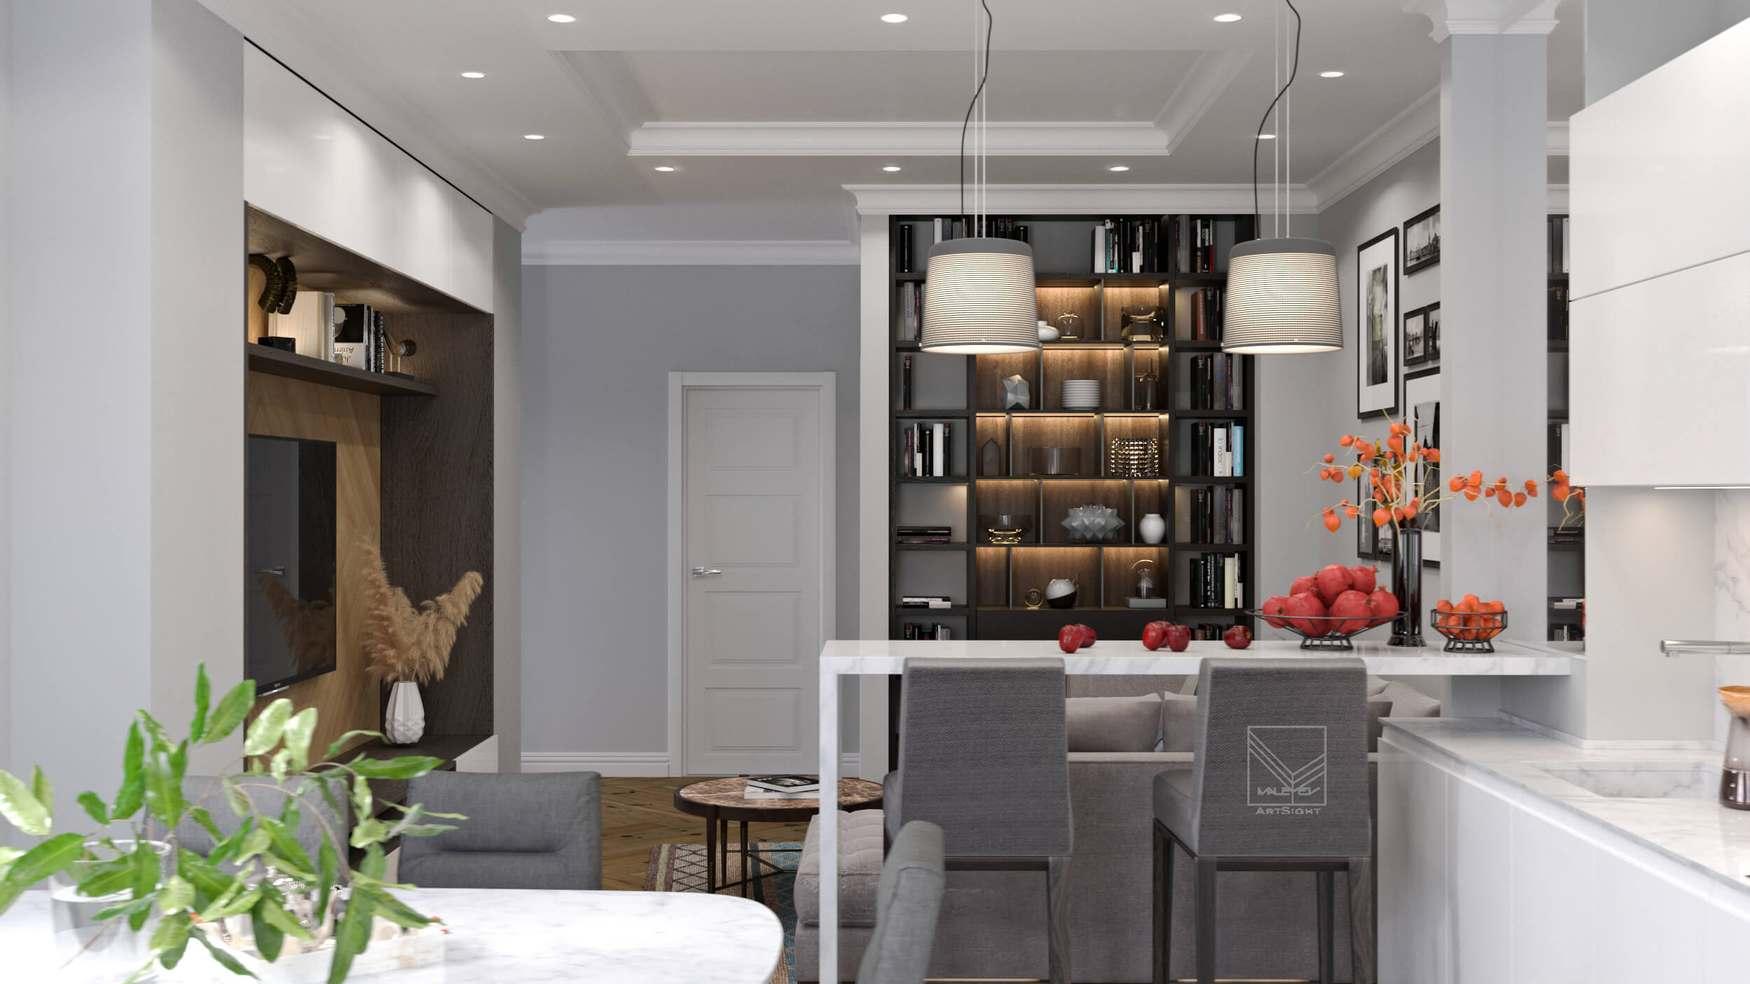 Дизайн интерьера совмещение современного и классического стилей